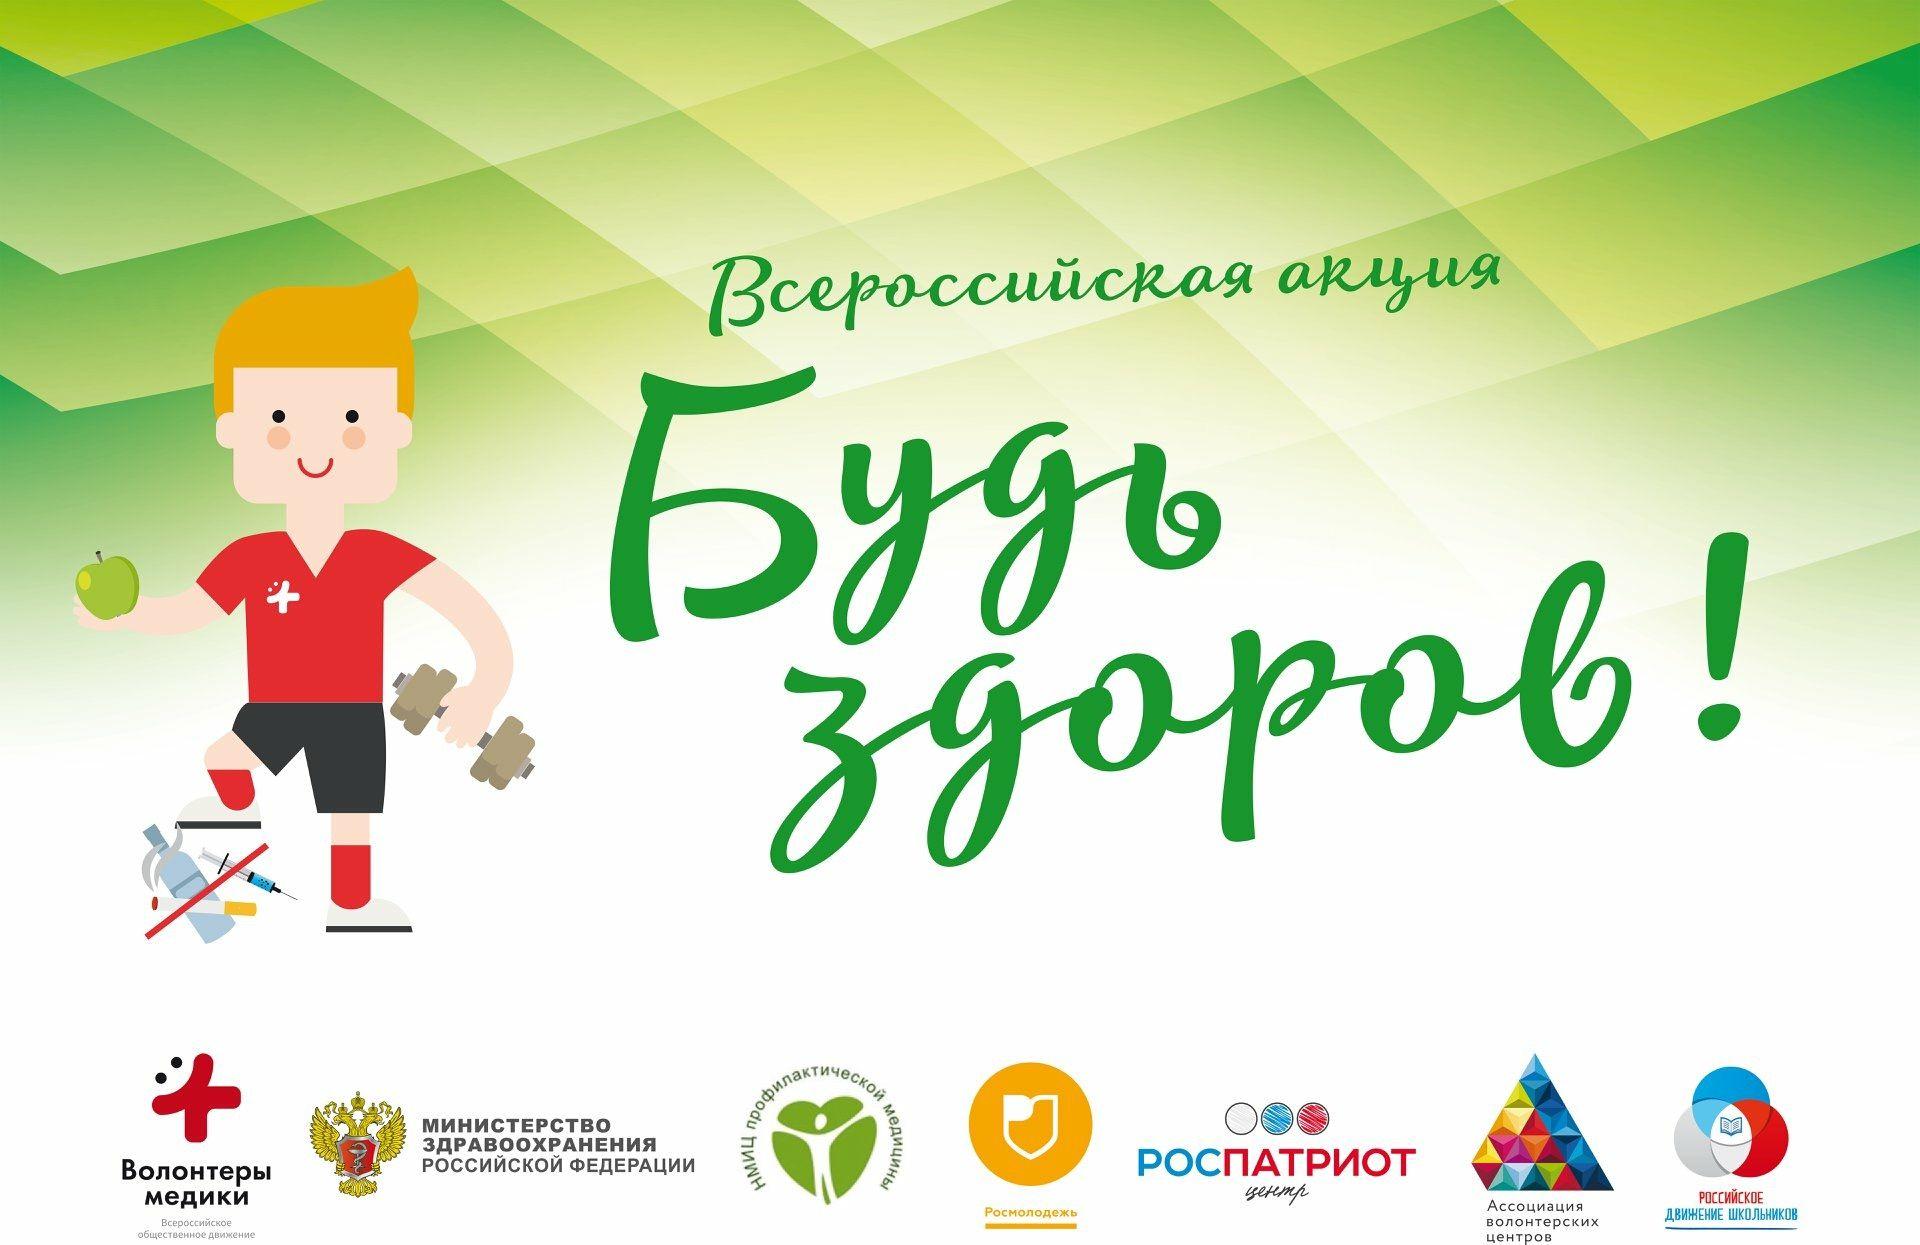 b_0_0_0_00_http___mpmo.ru_content_2018_03_IMG_4402-30-03-18-01-22.jpg